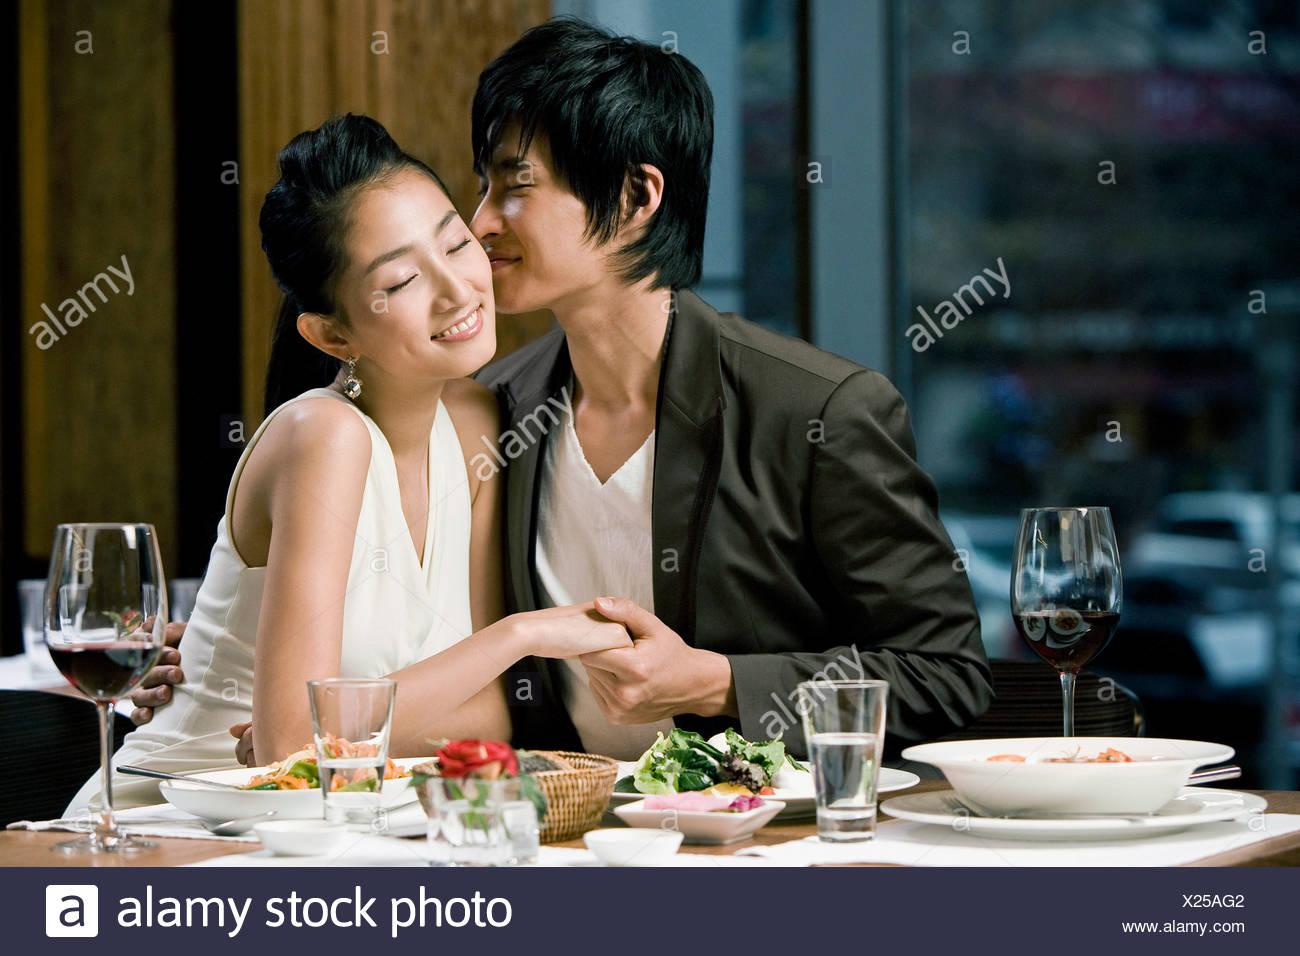 Korean Couple Kissing Stock Photos & Korean Couple Kissing ...